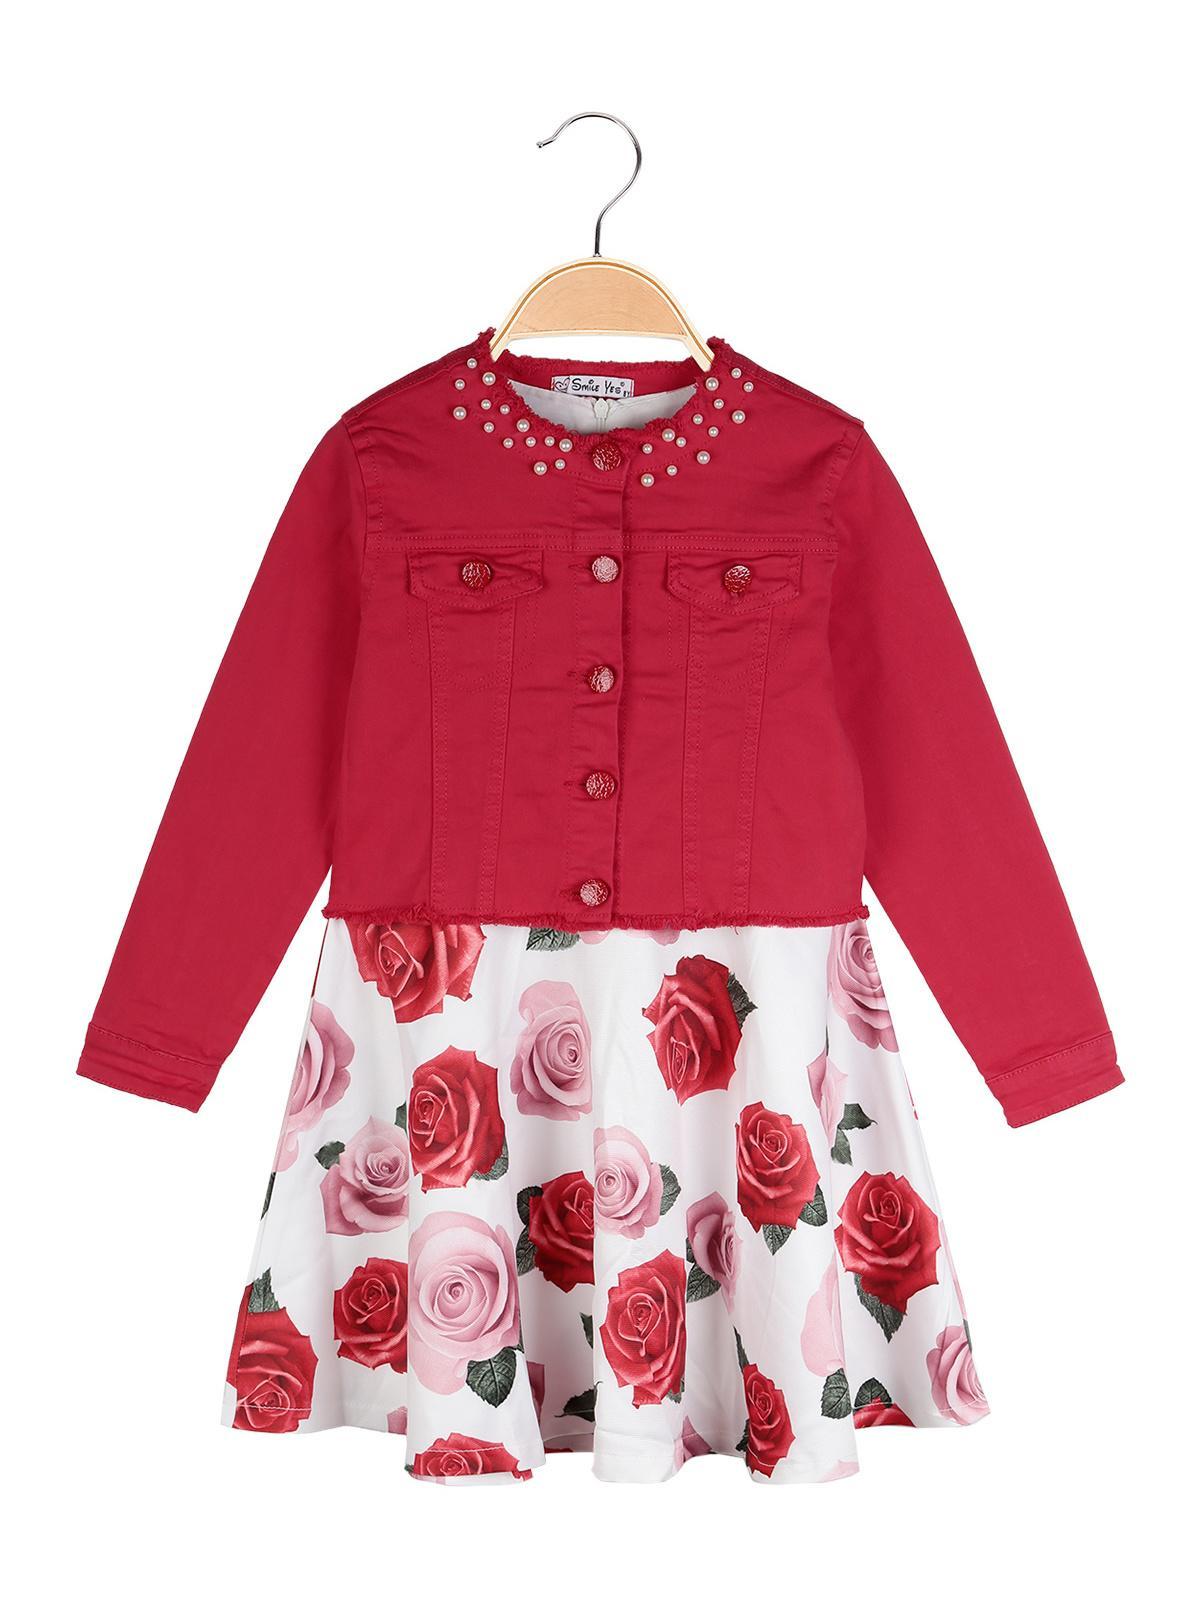 3e532affa3 Giacca di jeans rossa + vestito a fiori - completo 2 pezzi smile yes ...